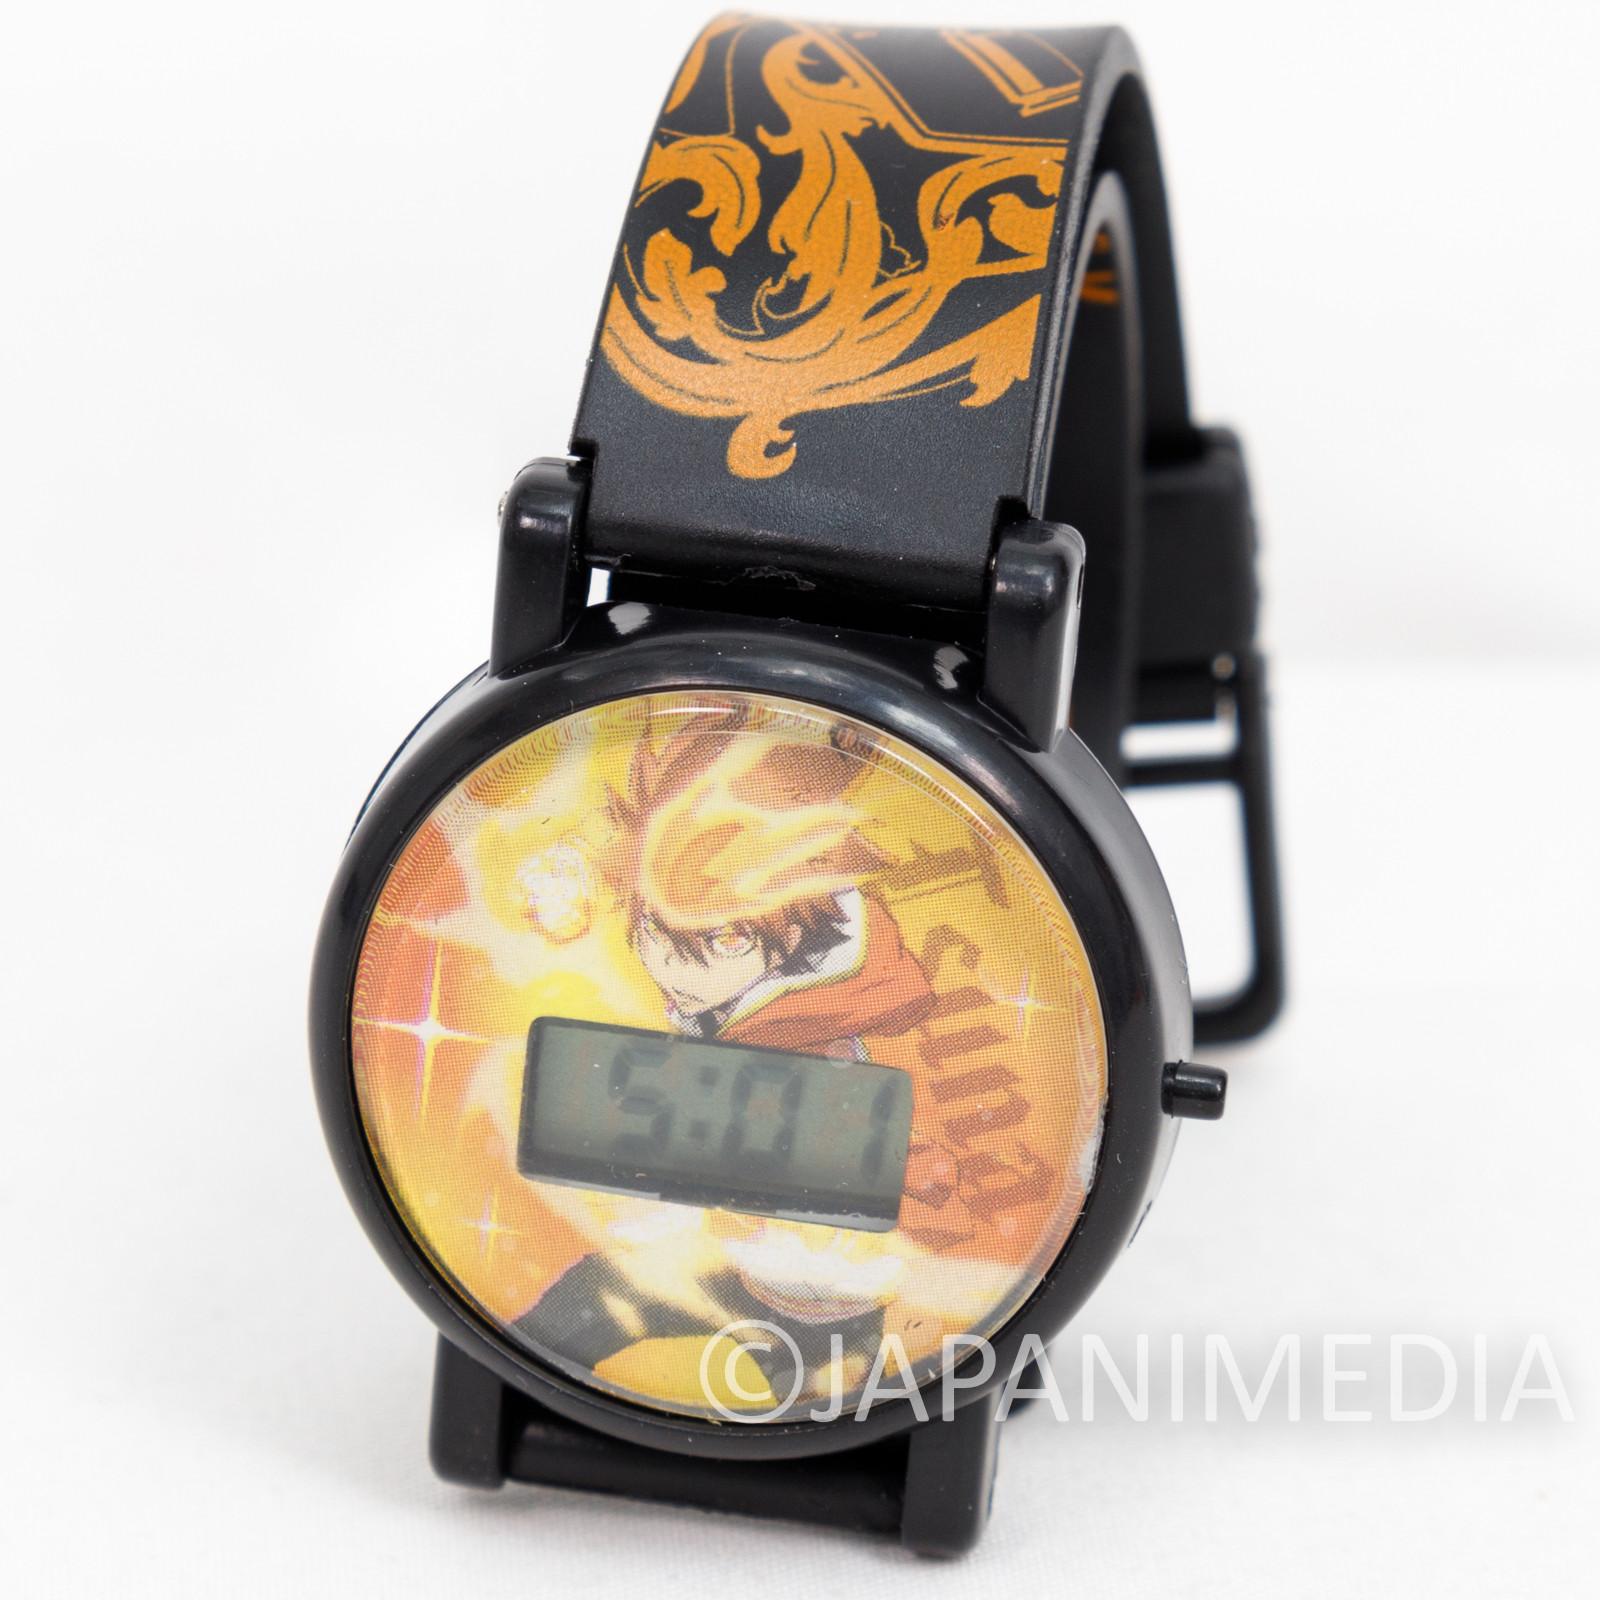 Katekyo Hitman REBORN! Tsunayoshi Sawada Toy Wrist Watch JAPAN